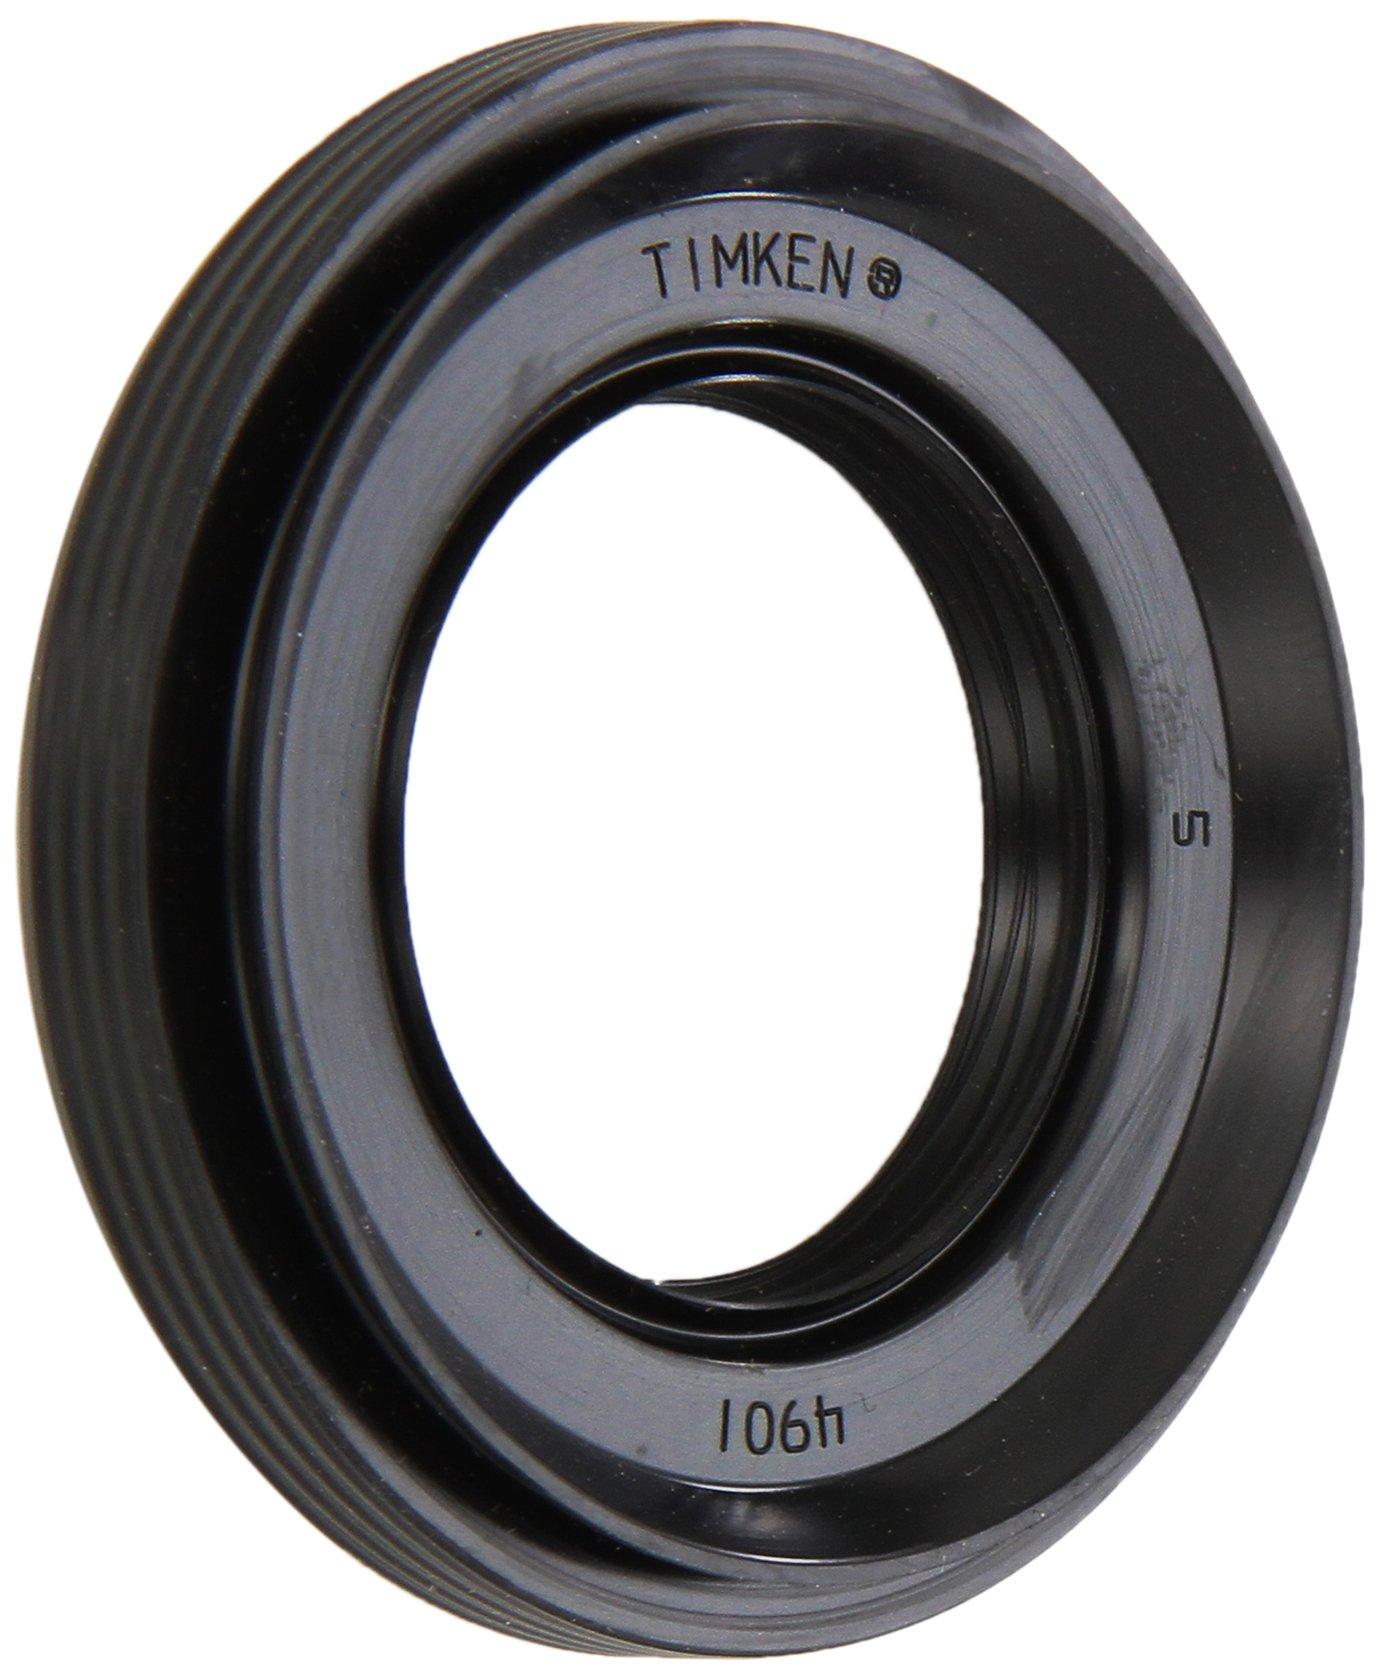 Timken 4901 Seal